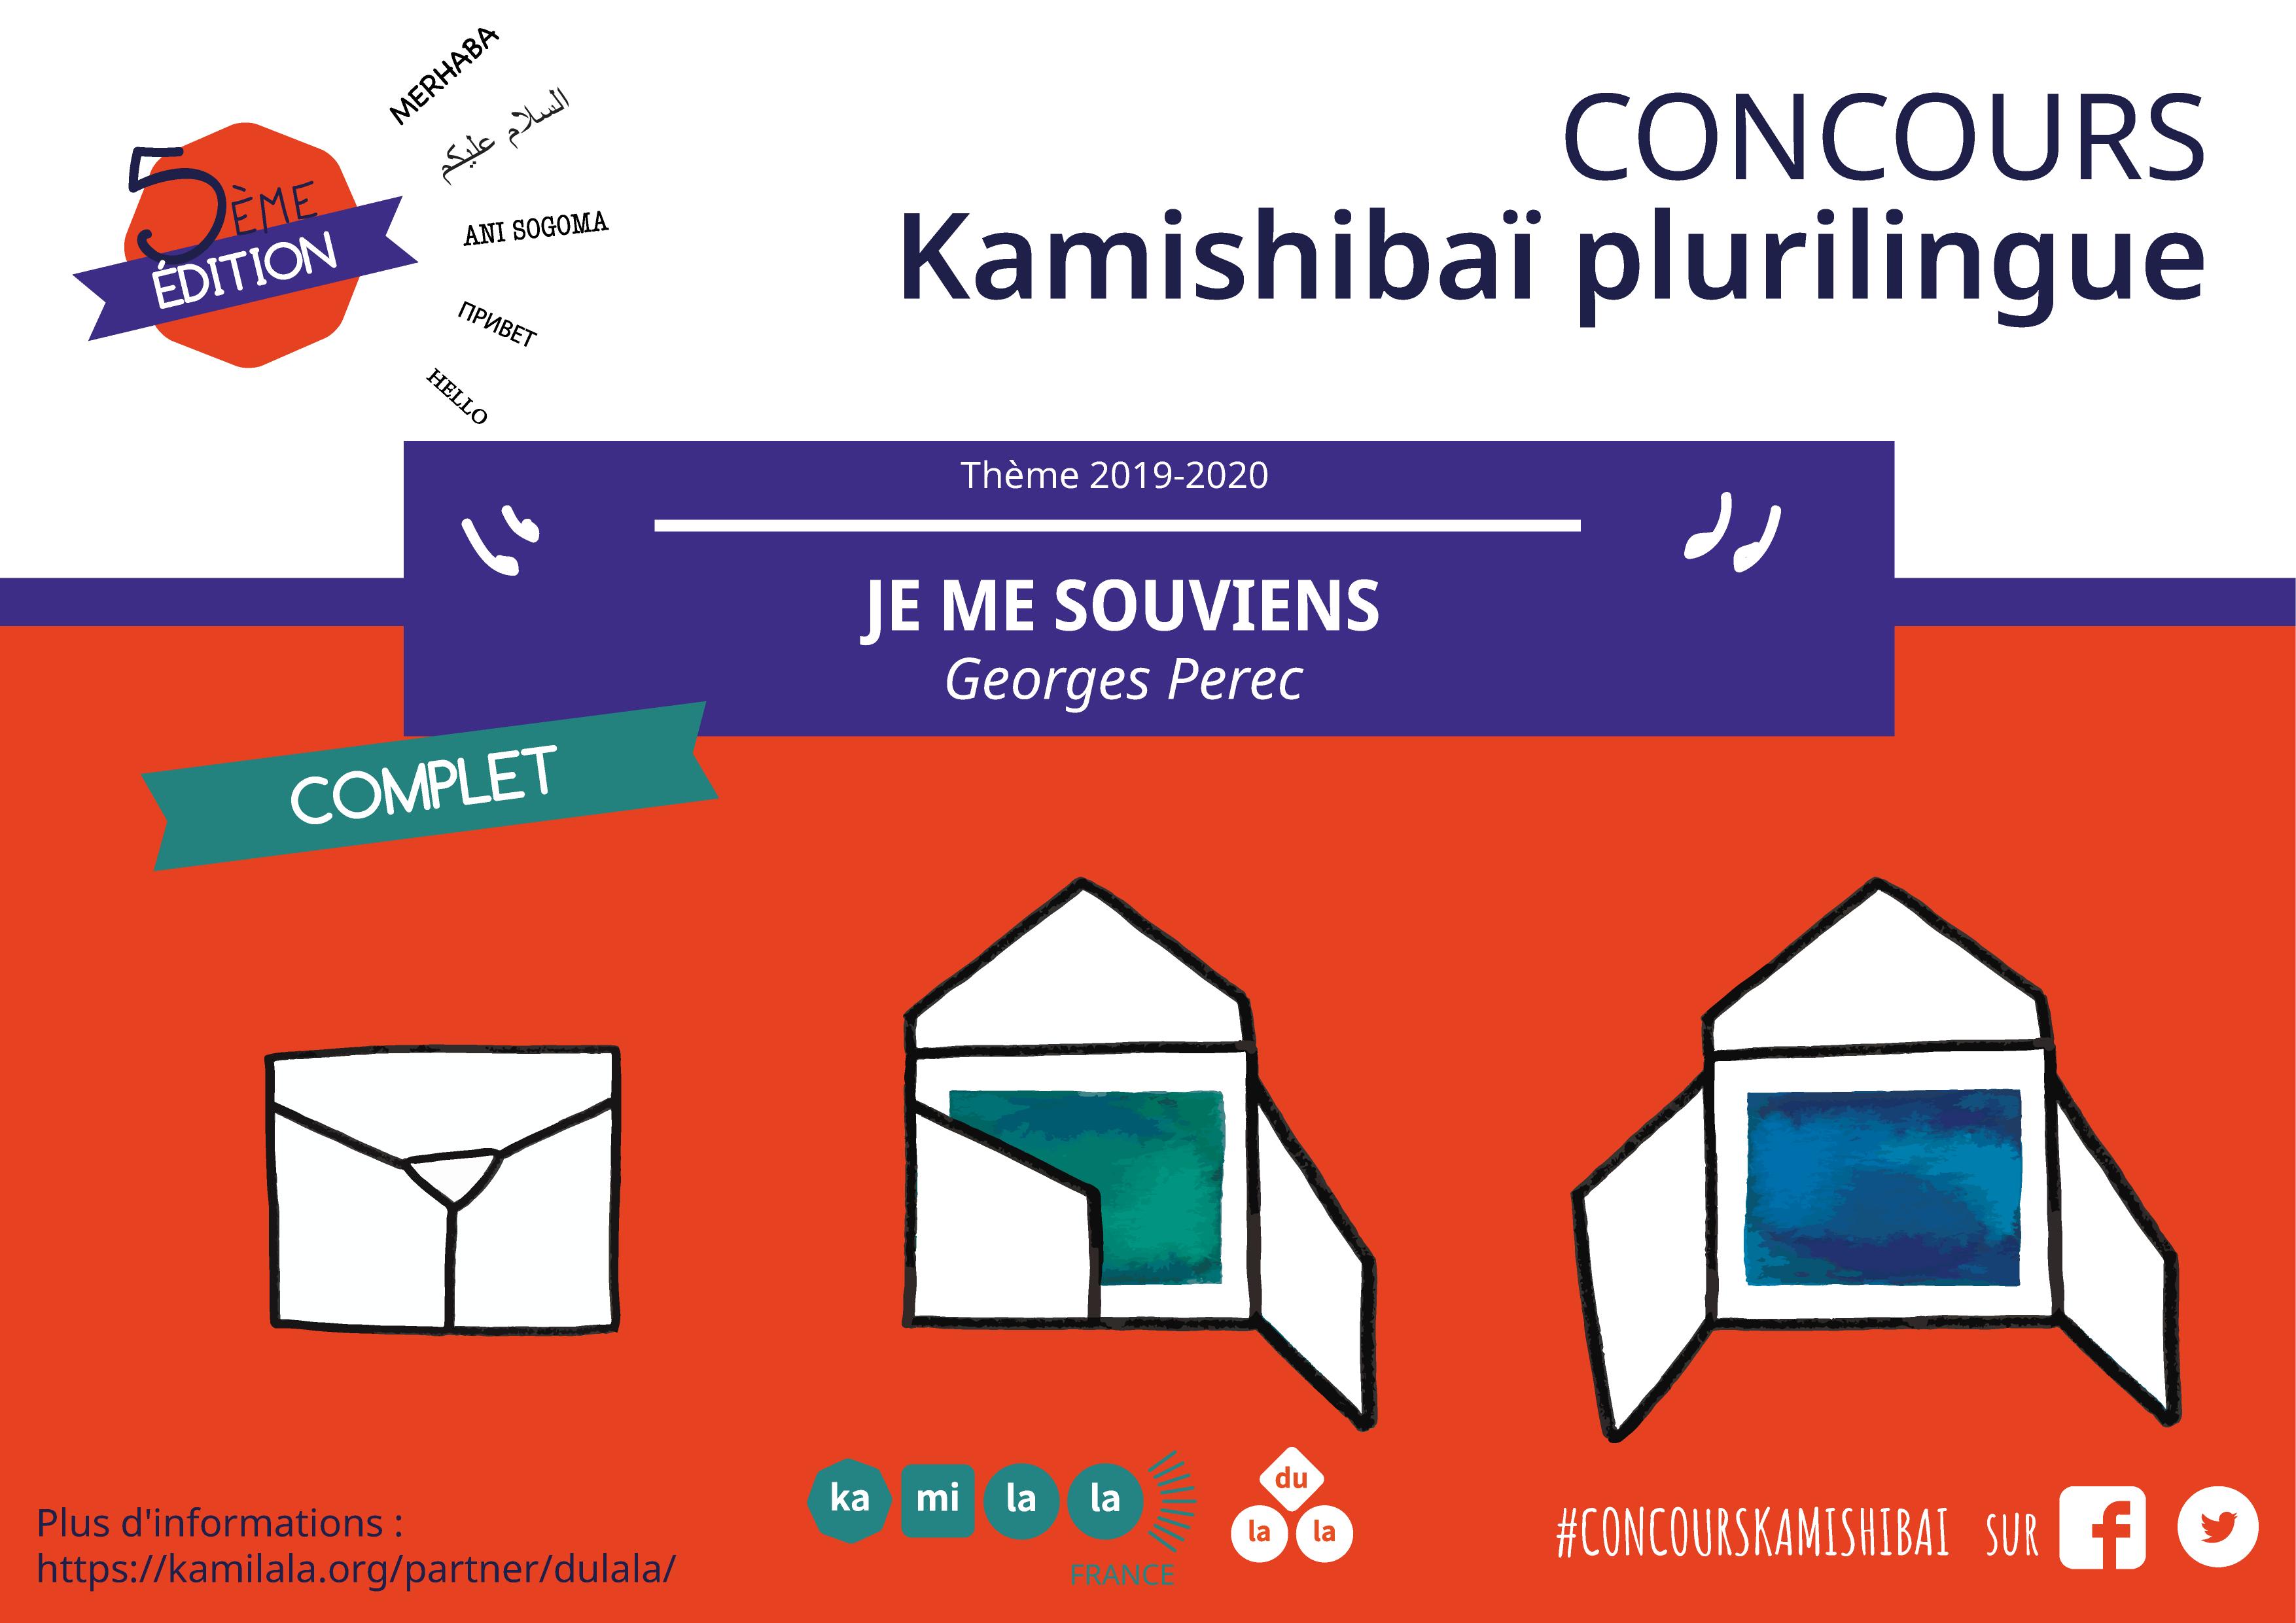 Le Concours Kamishibai plurilingue